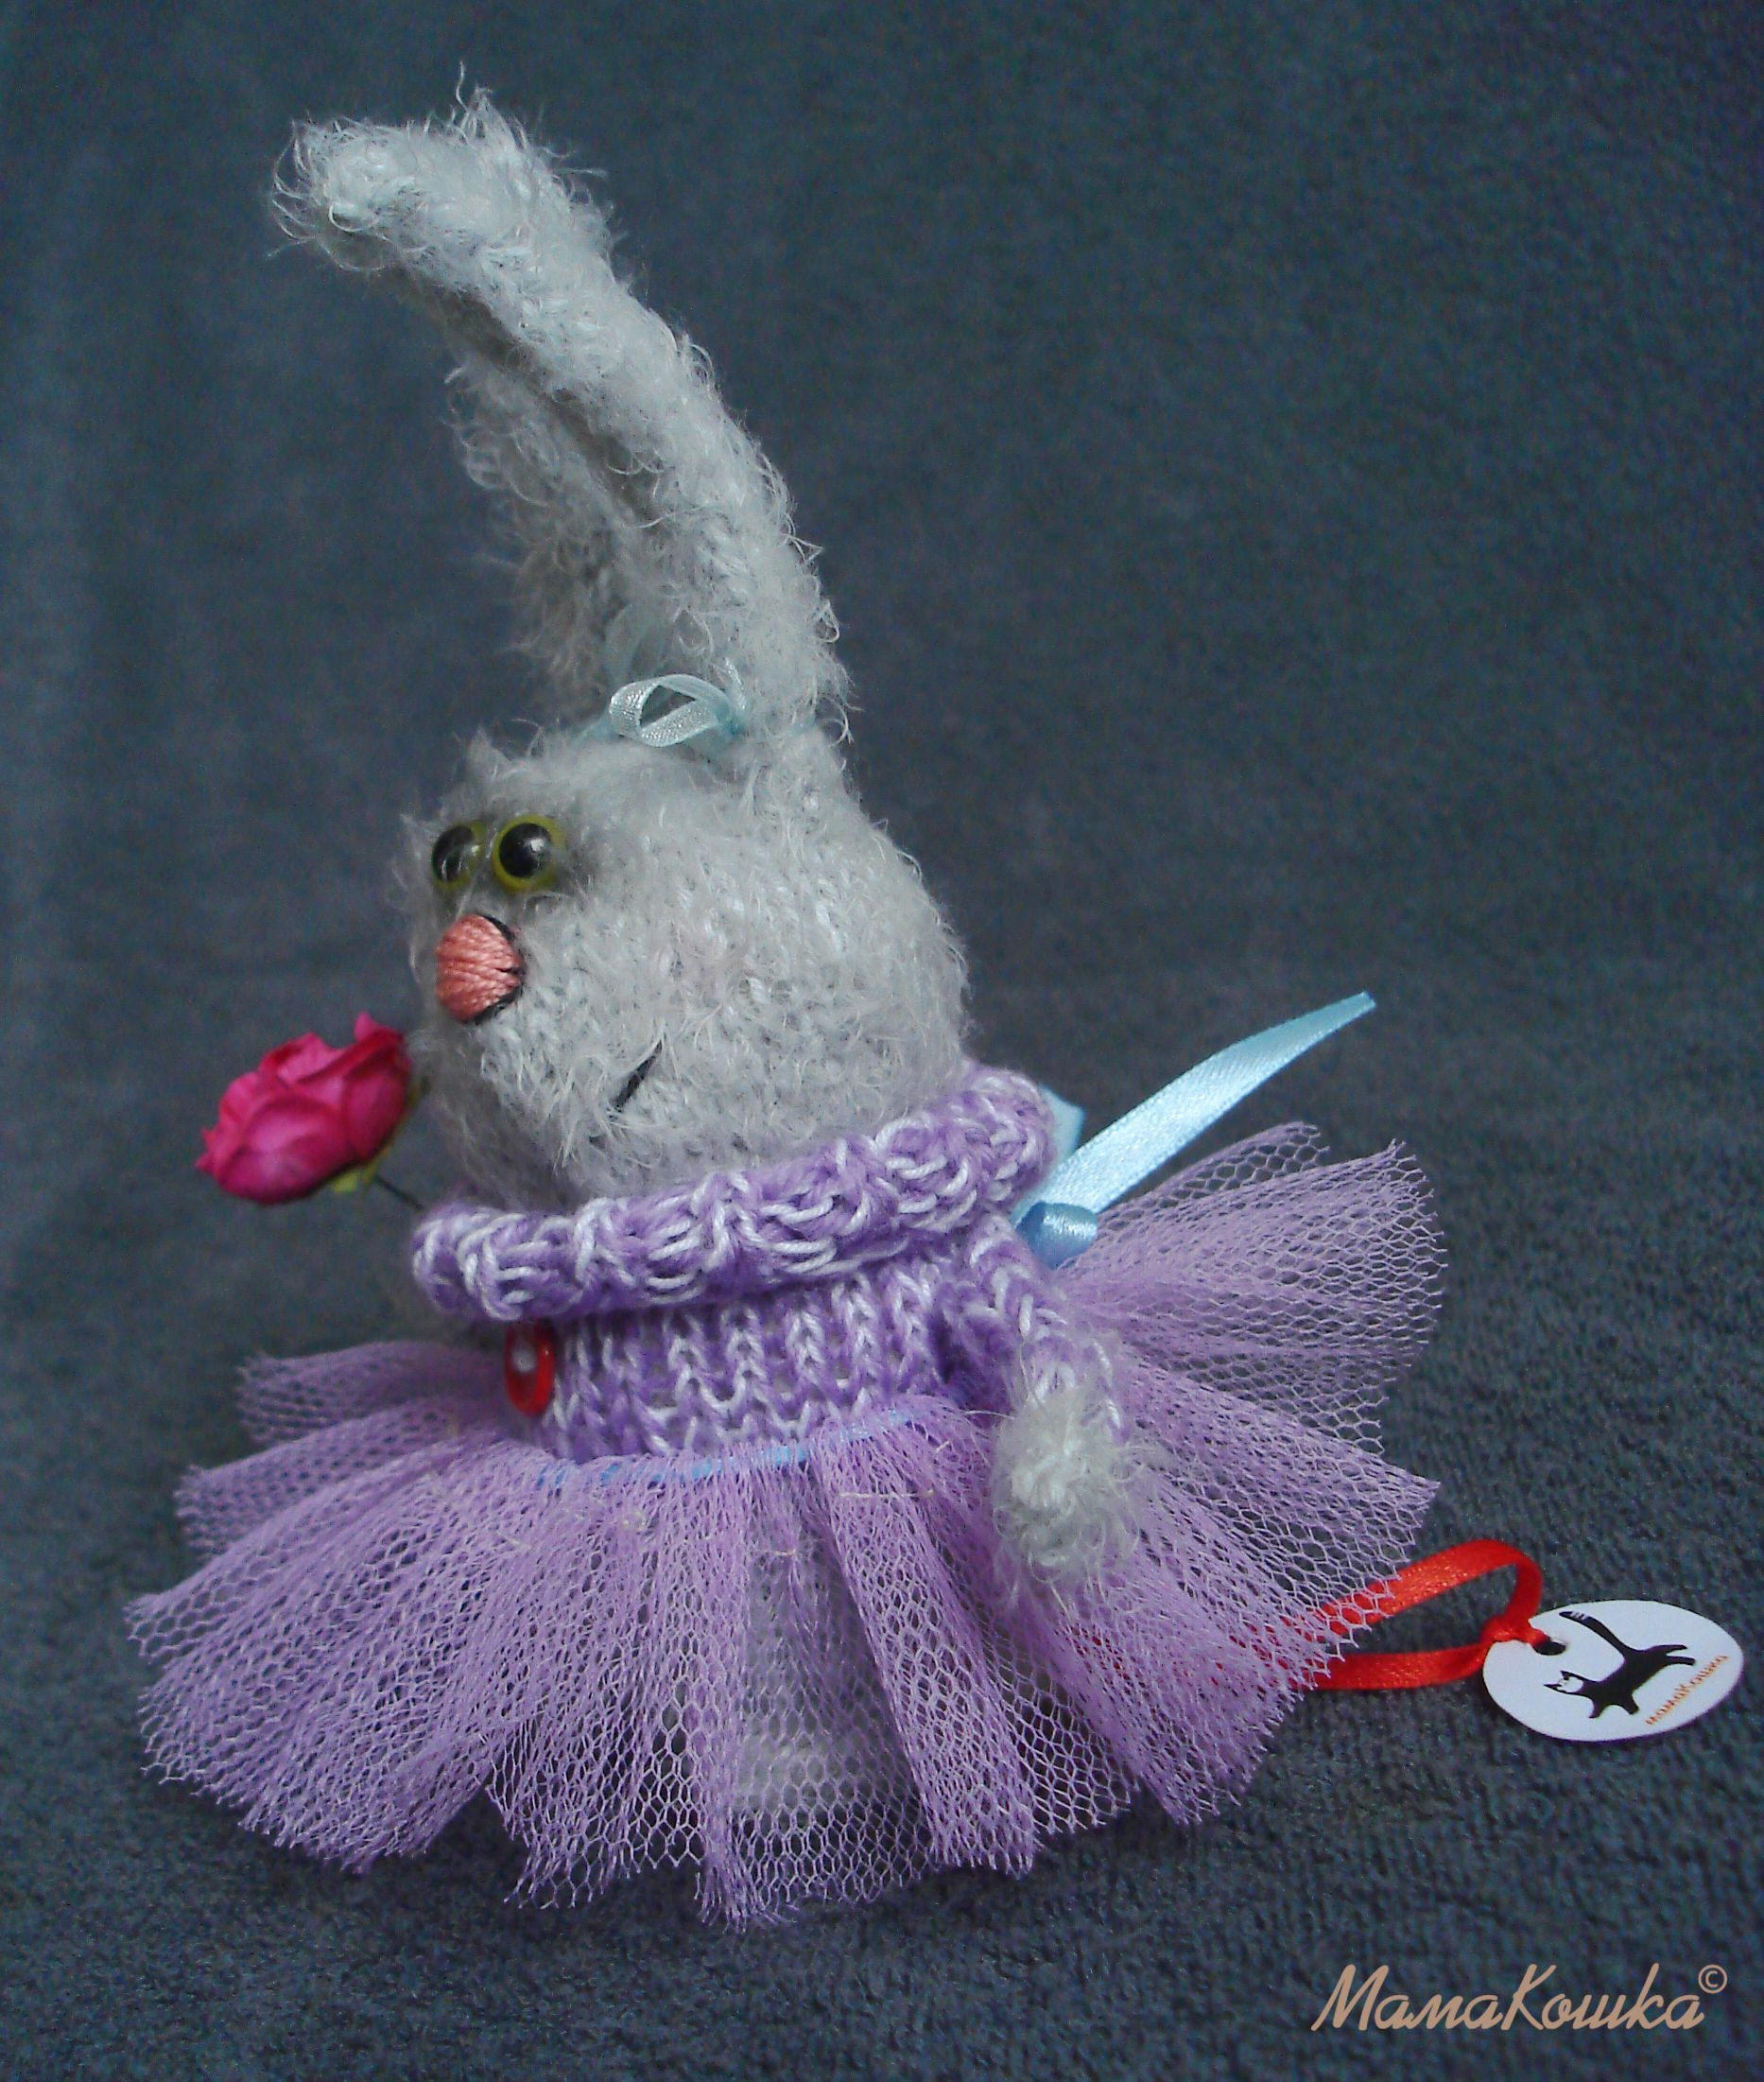 8марта зайка зайцы деньрождения 23февраля интерьернаяигрушка малаяскульптура сюрприз подарок